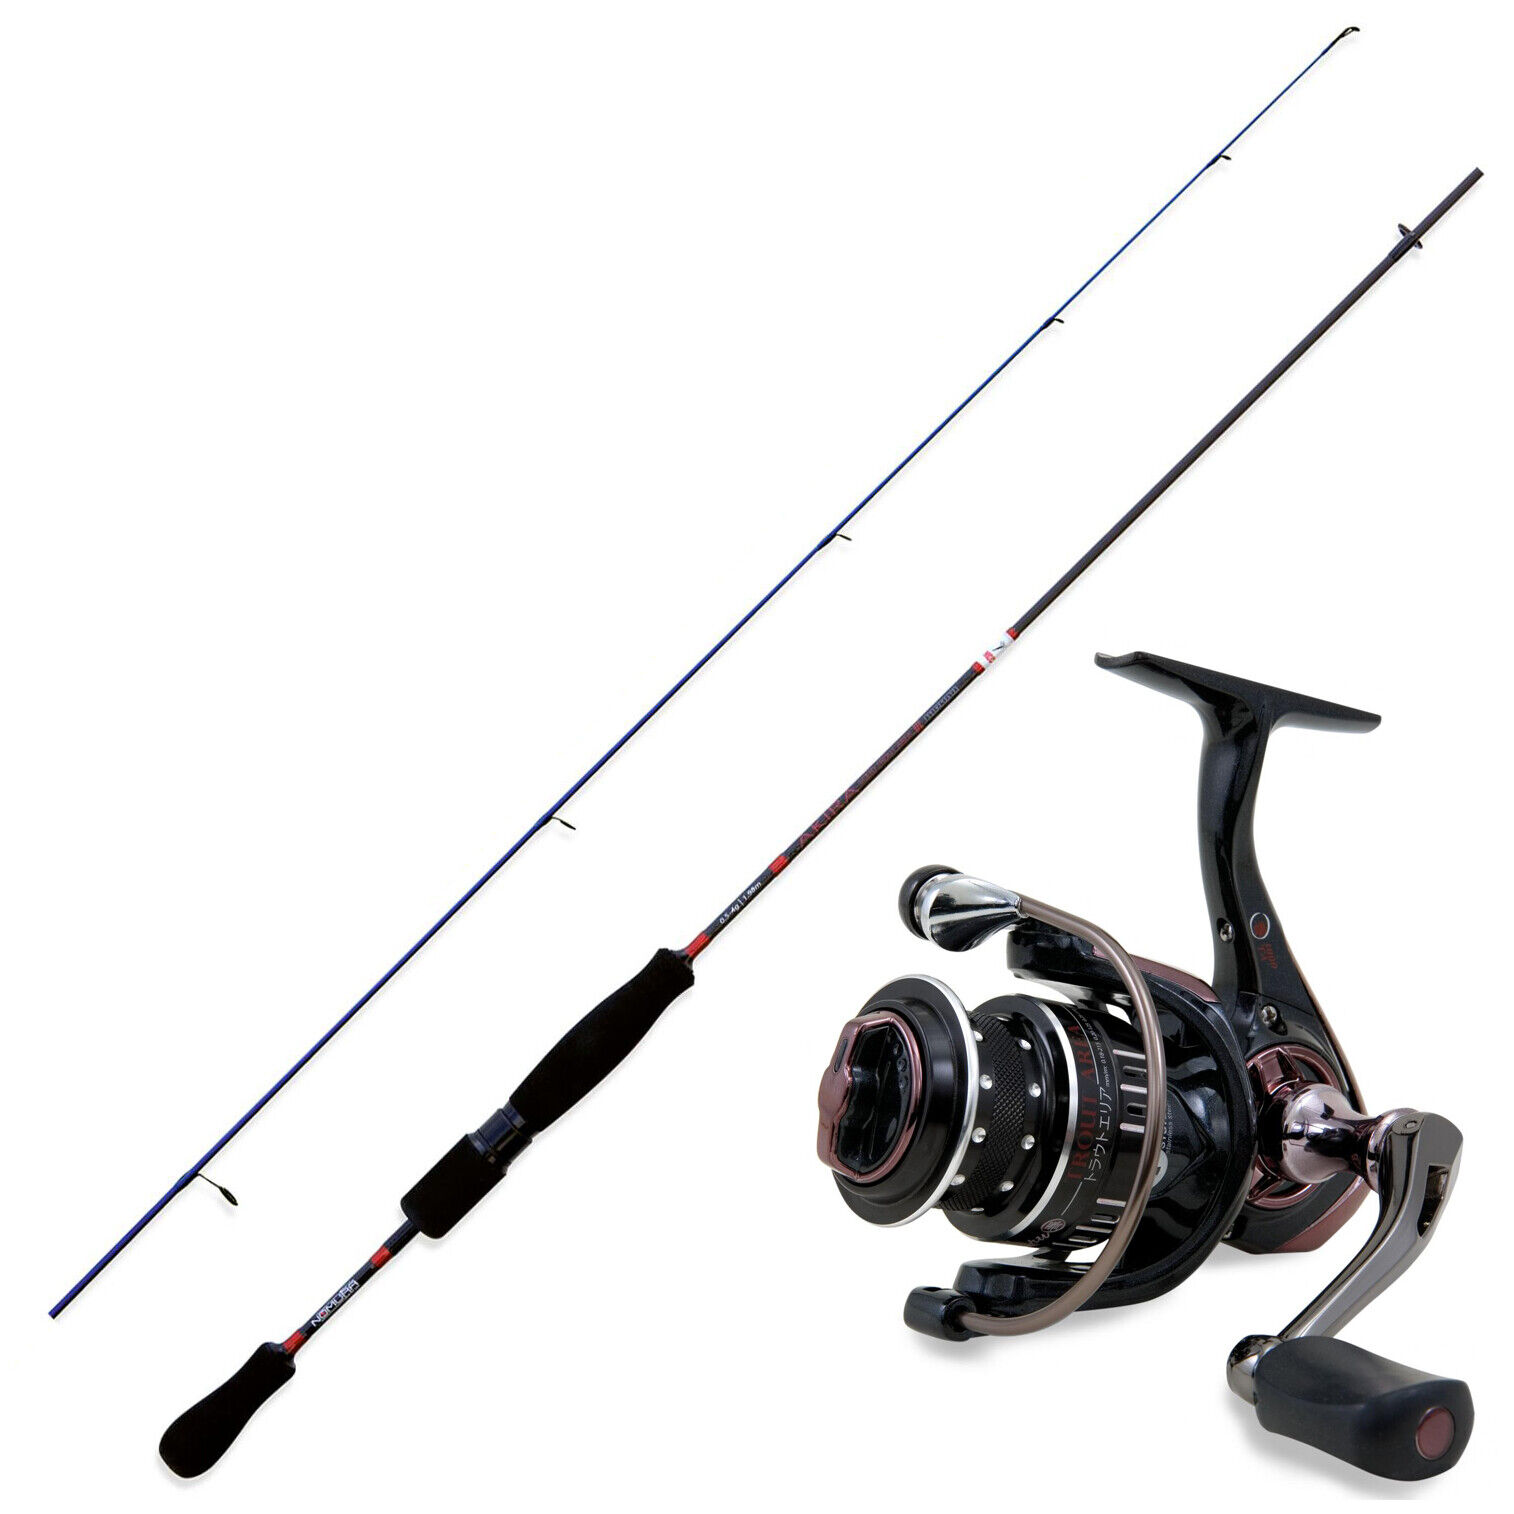 KP3574 Kit Pesca Trout Area Nomura Canna Akira Solid 1,70 m + Mulinello Har FEUG